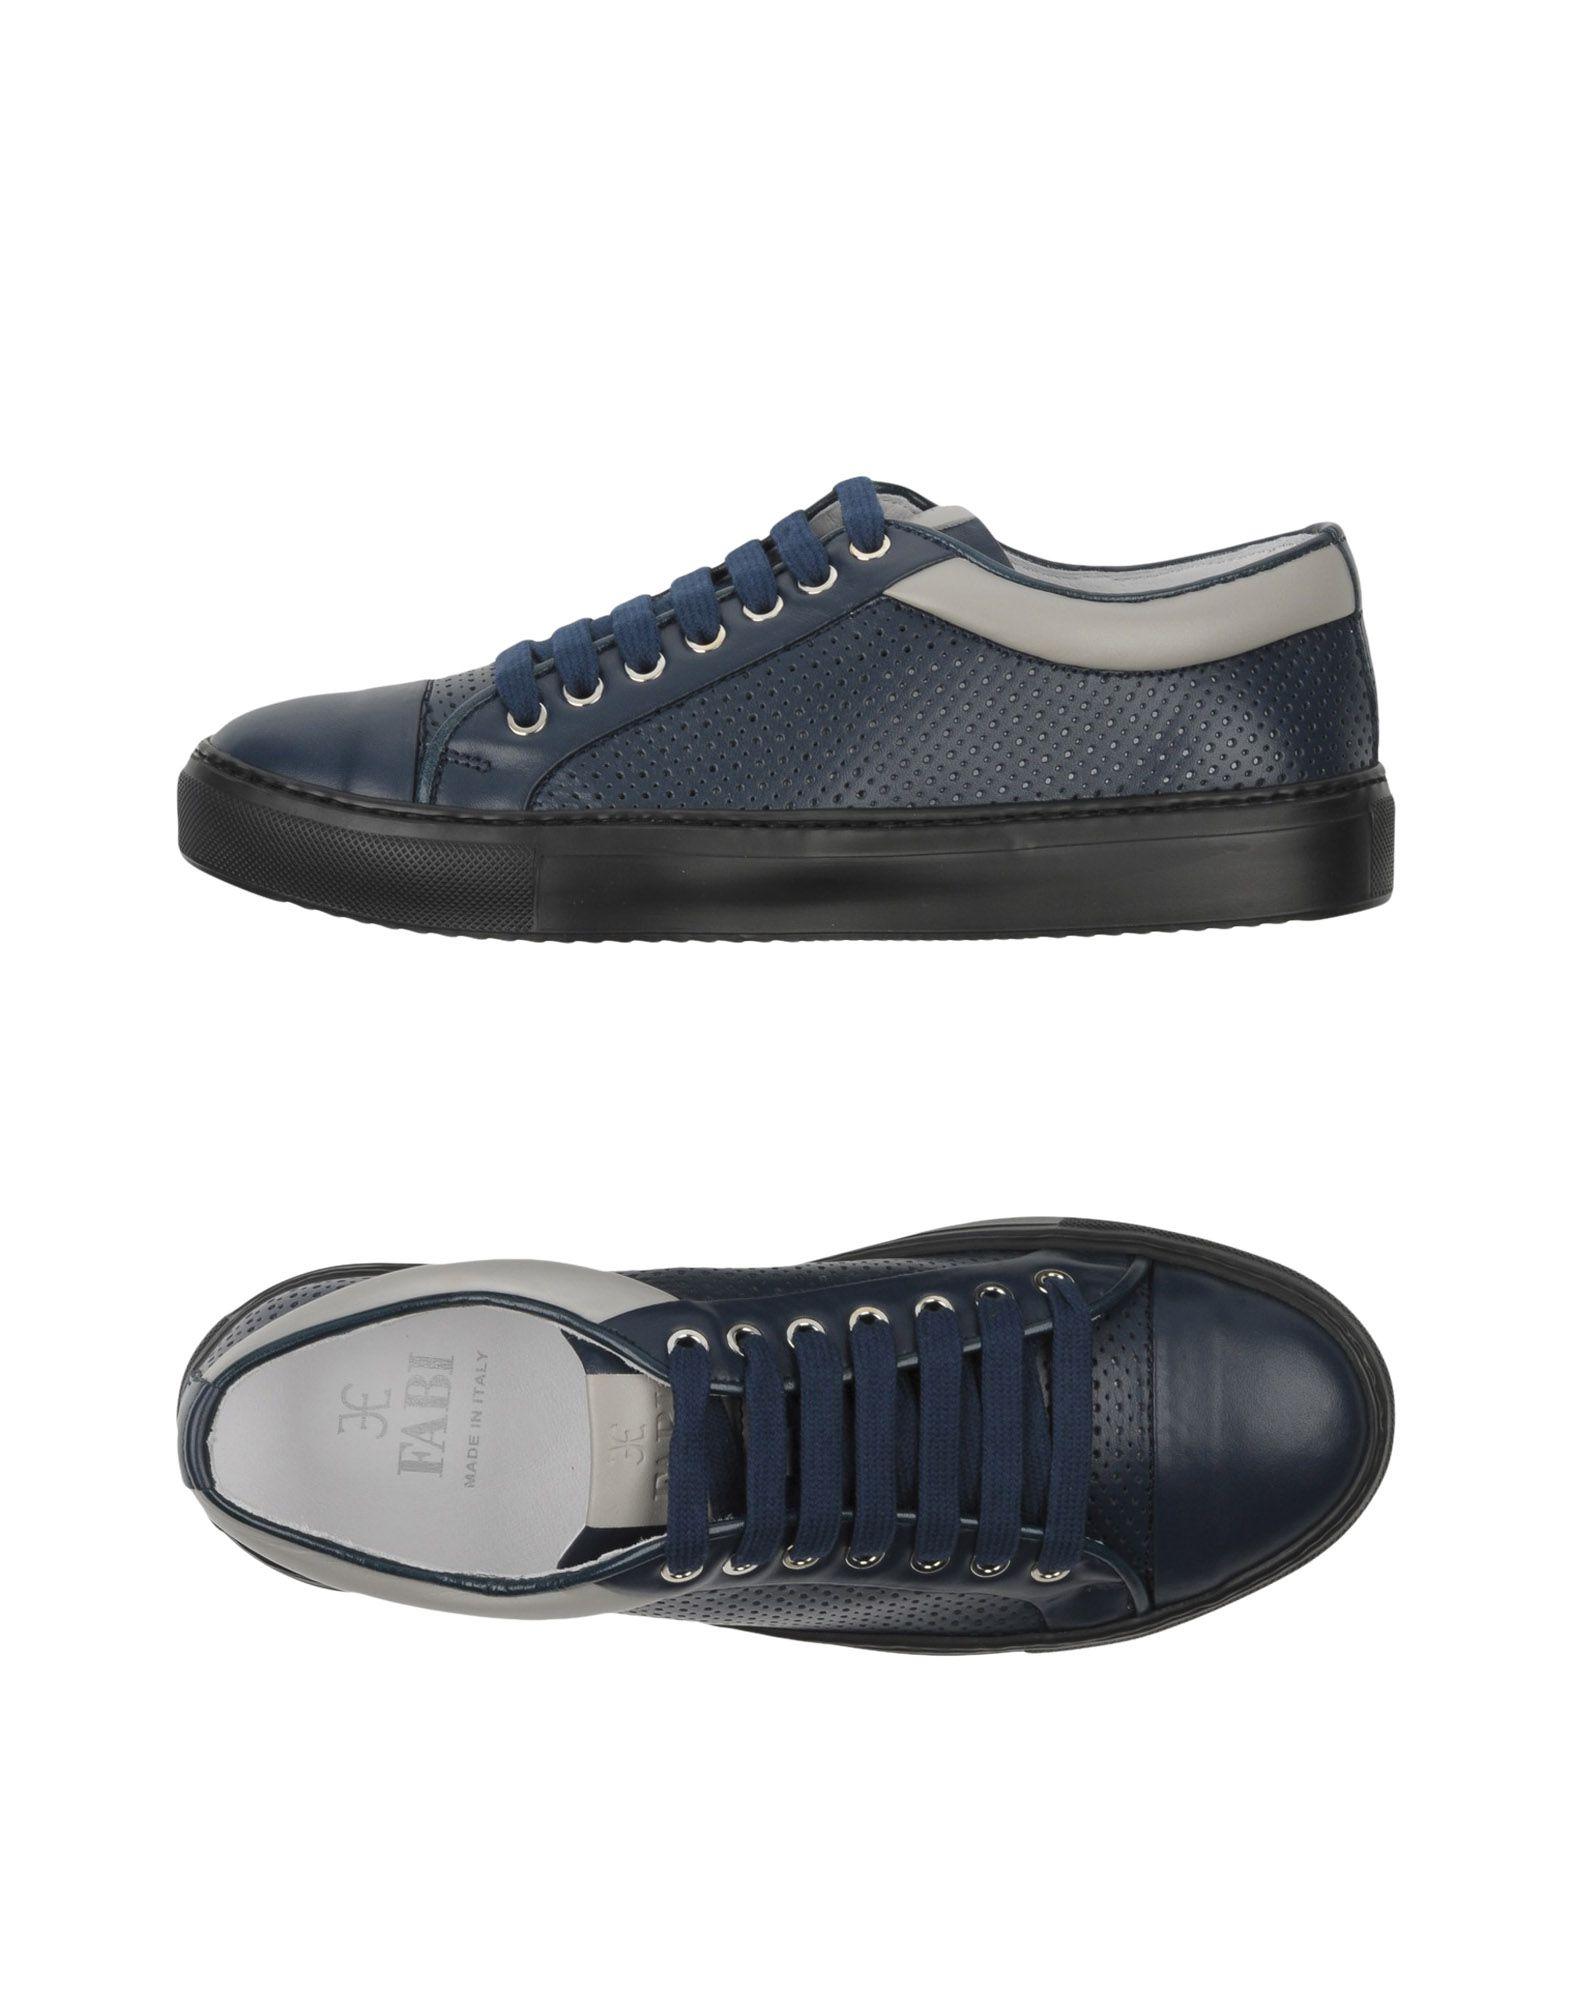 Fabi Heiße Sneakers Herren  11312647RA Heiße Fabi Schuhe 68ba6e